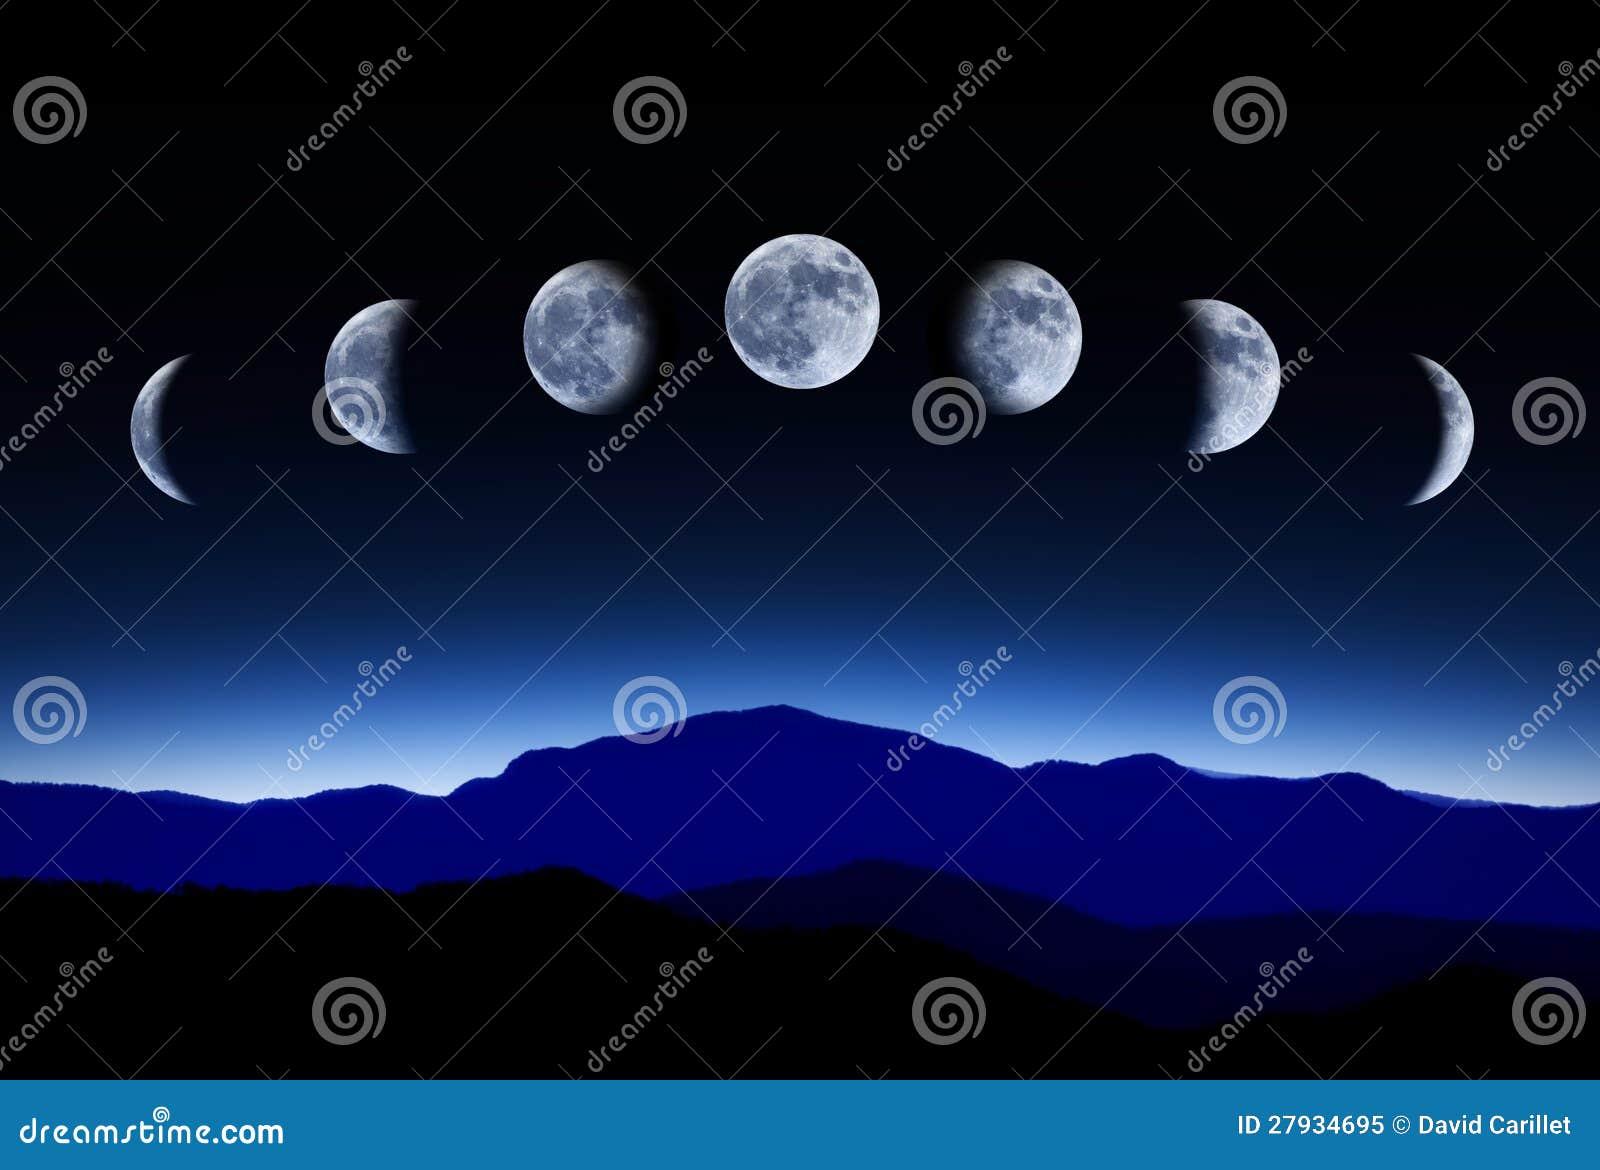 虚度在夜空的月球循环,时间流逝概念